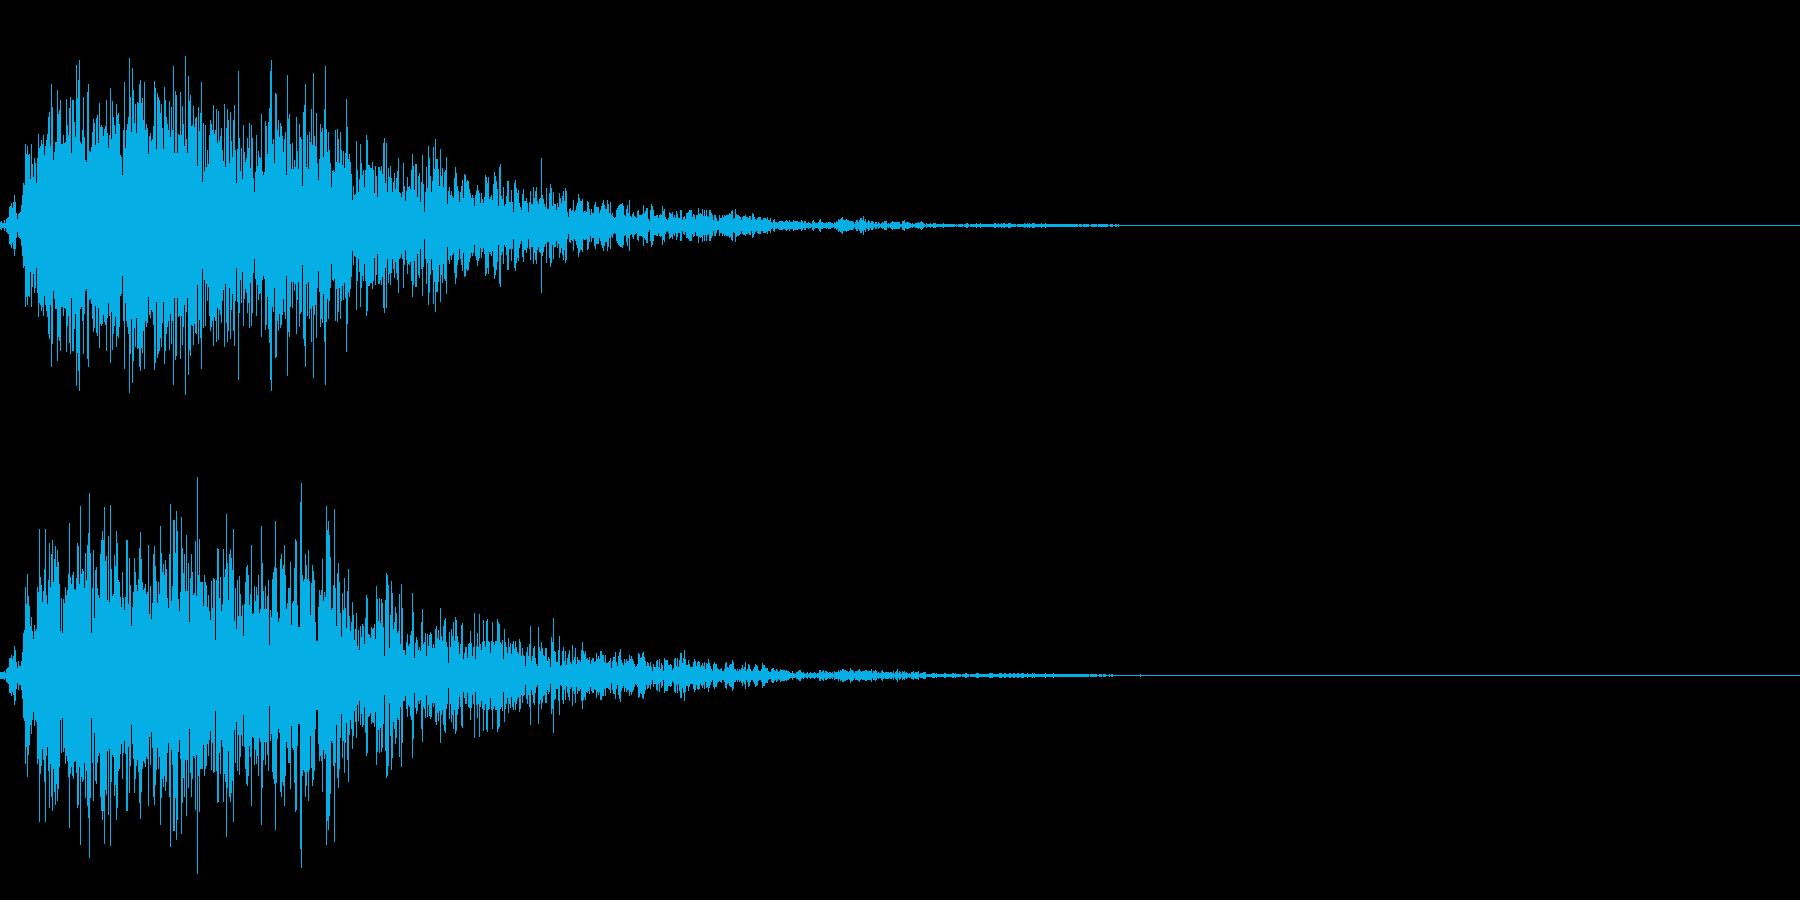 ストライク!ボーリングの効果音 01の再生済みの波形